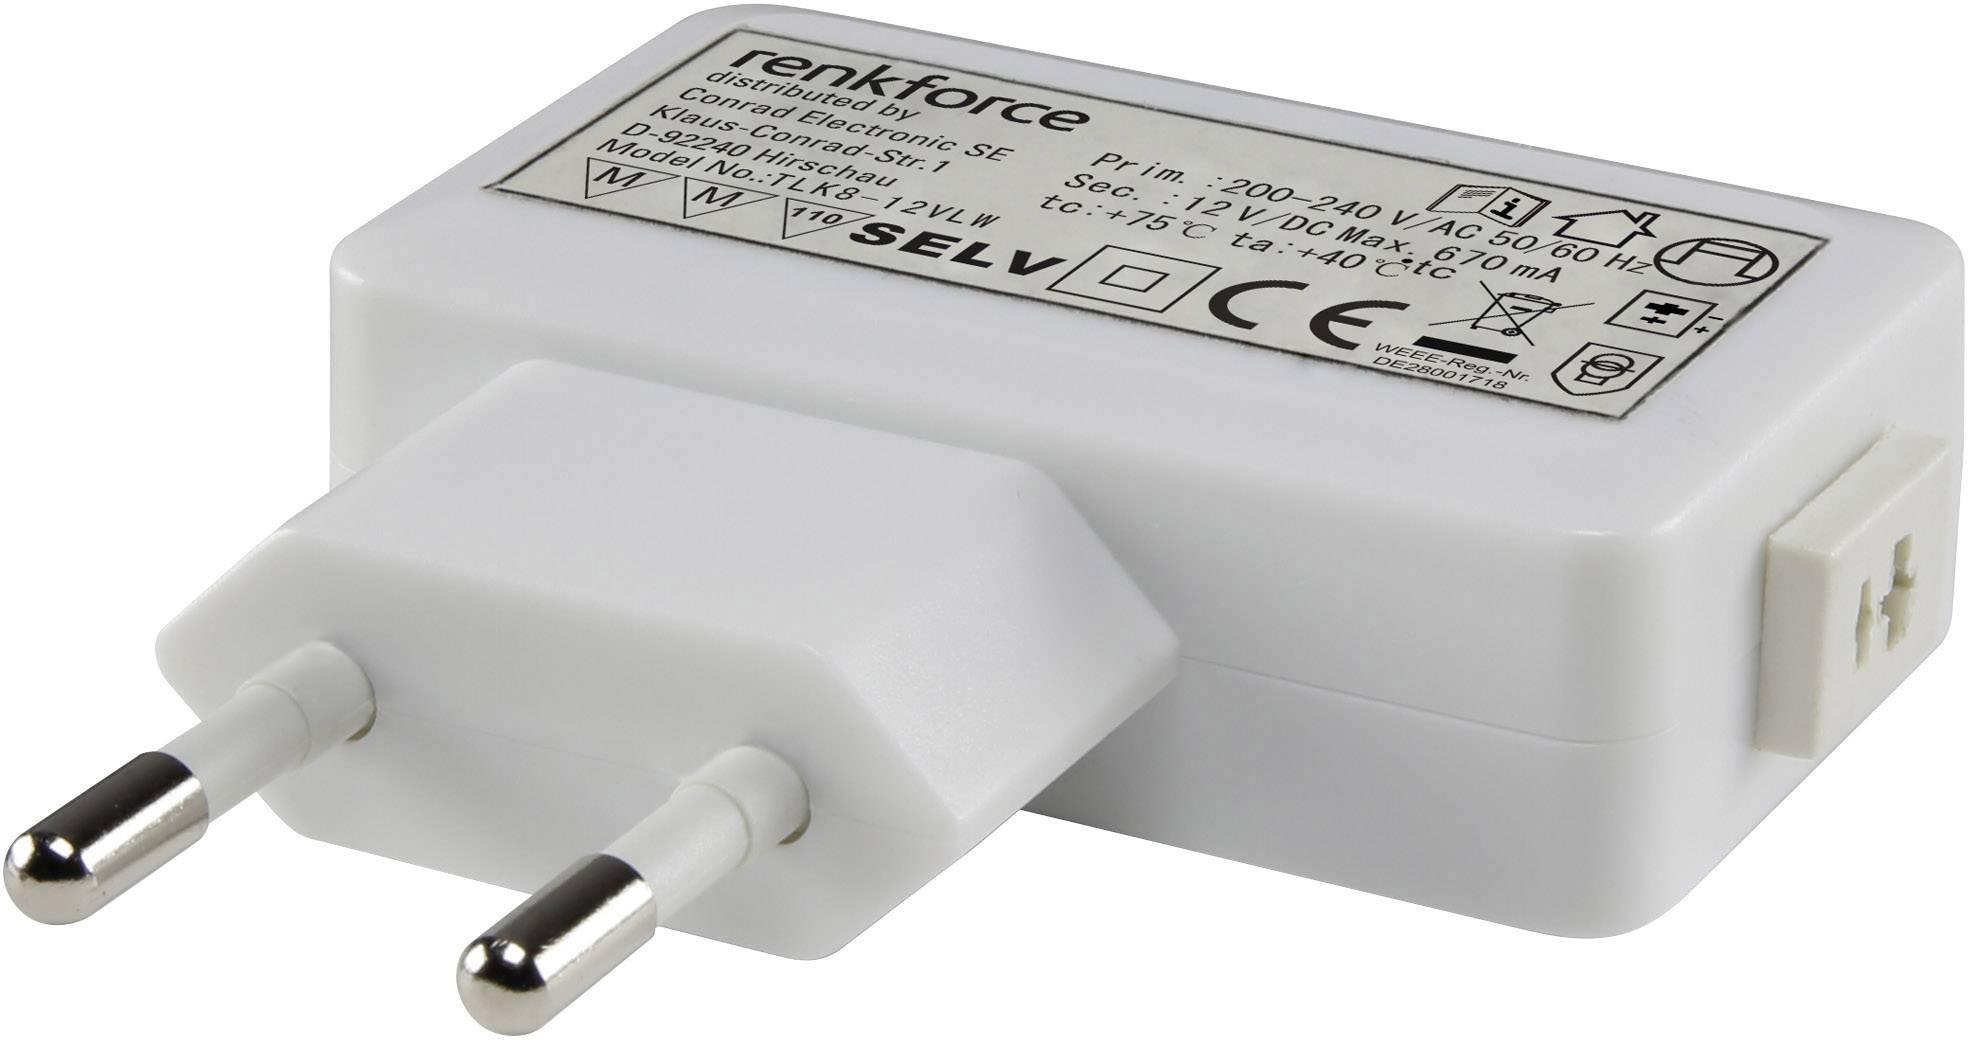 Sieťový adaptér Renkforce pre LED, 0-6 W, 12VDC, 500 mA, 9283c53, biela